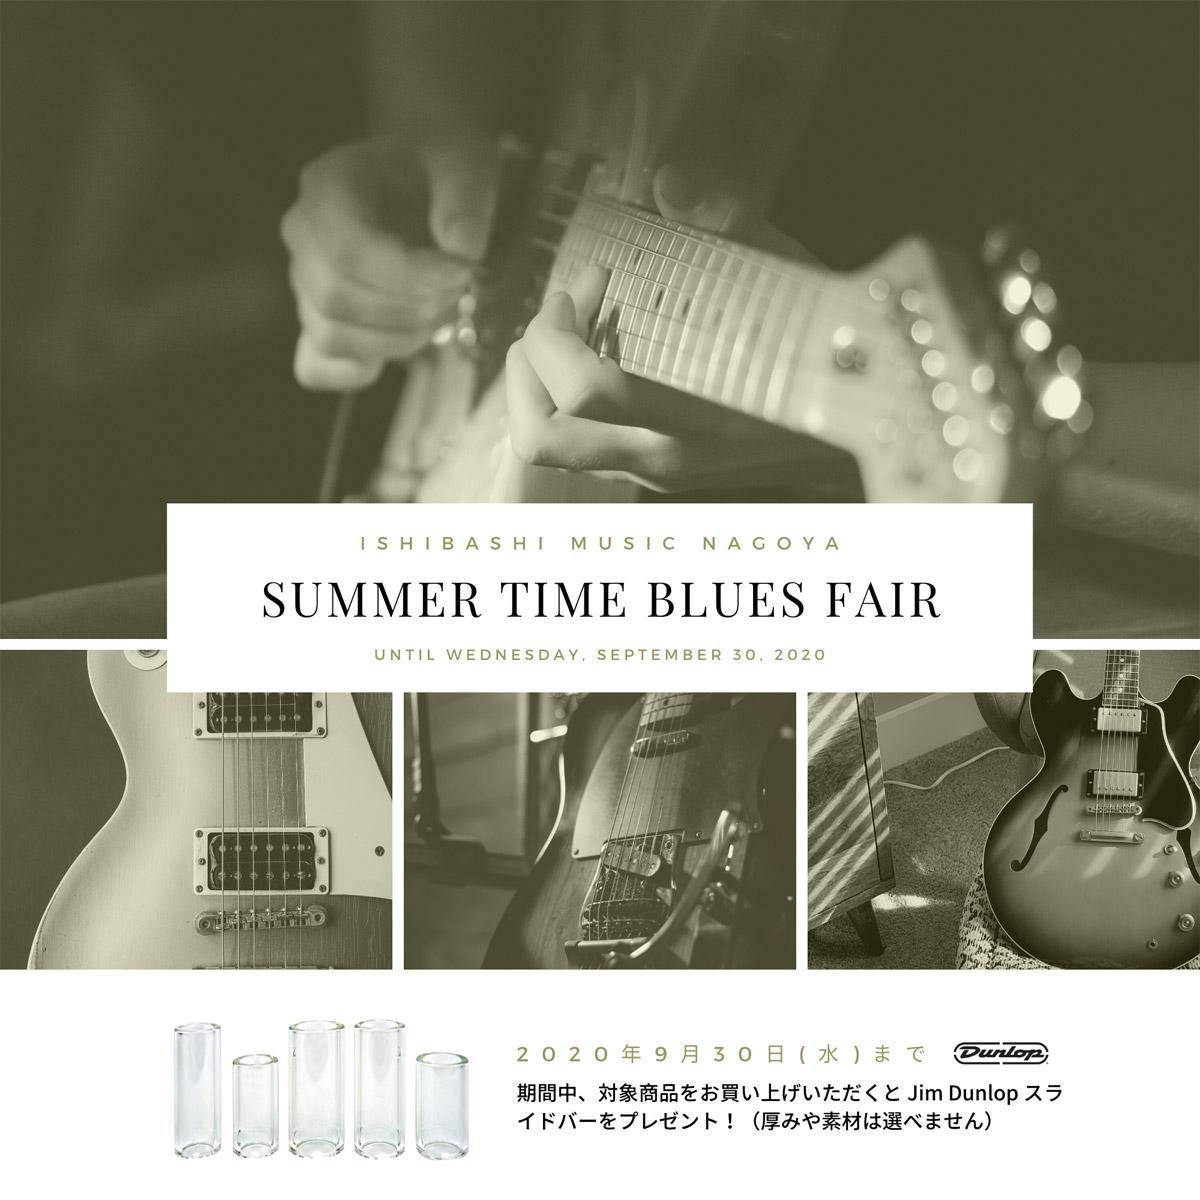 9月30日(水)18時まで!名古屋栄店「Summer Time Blues Fair!」開催中!